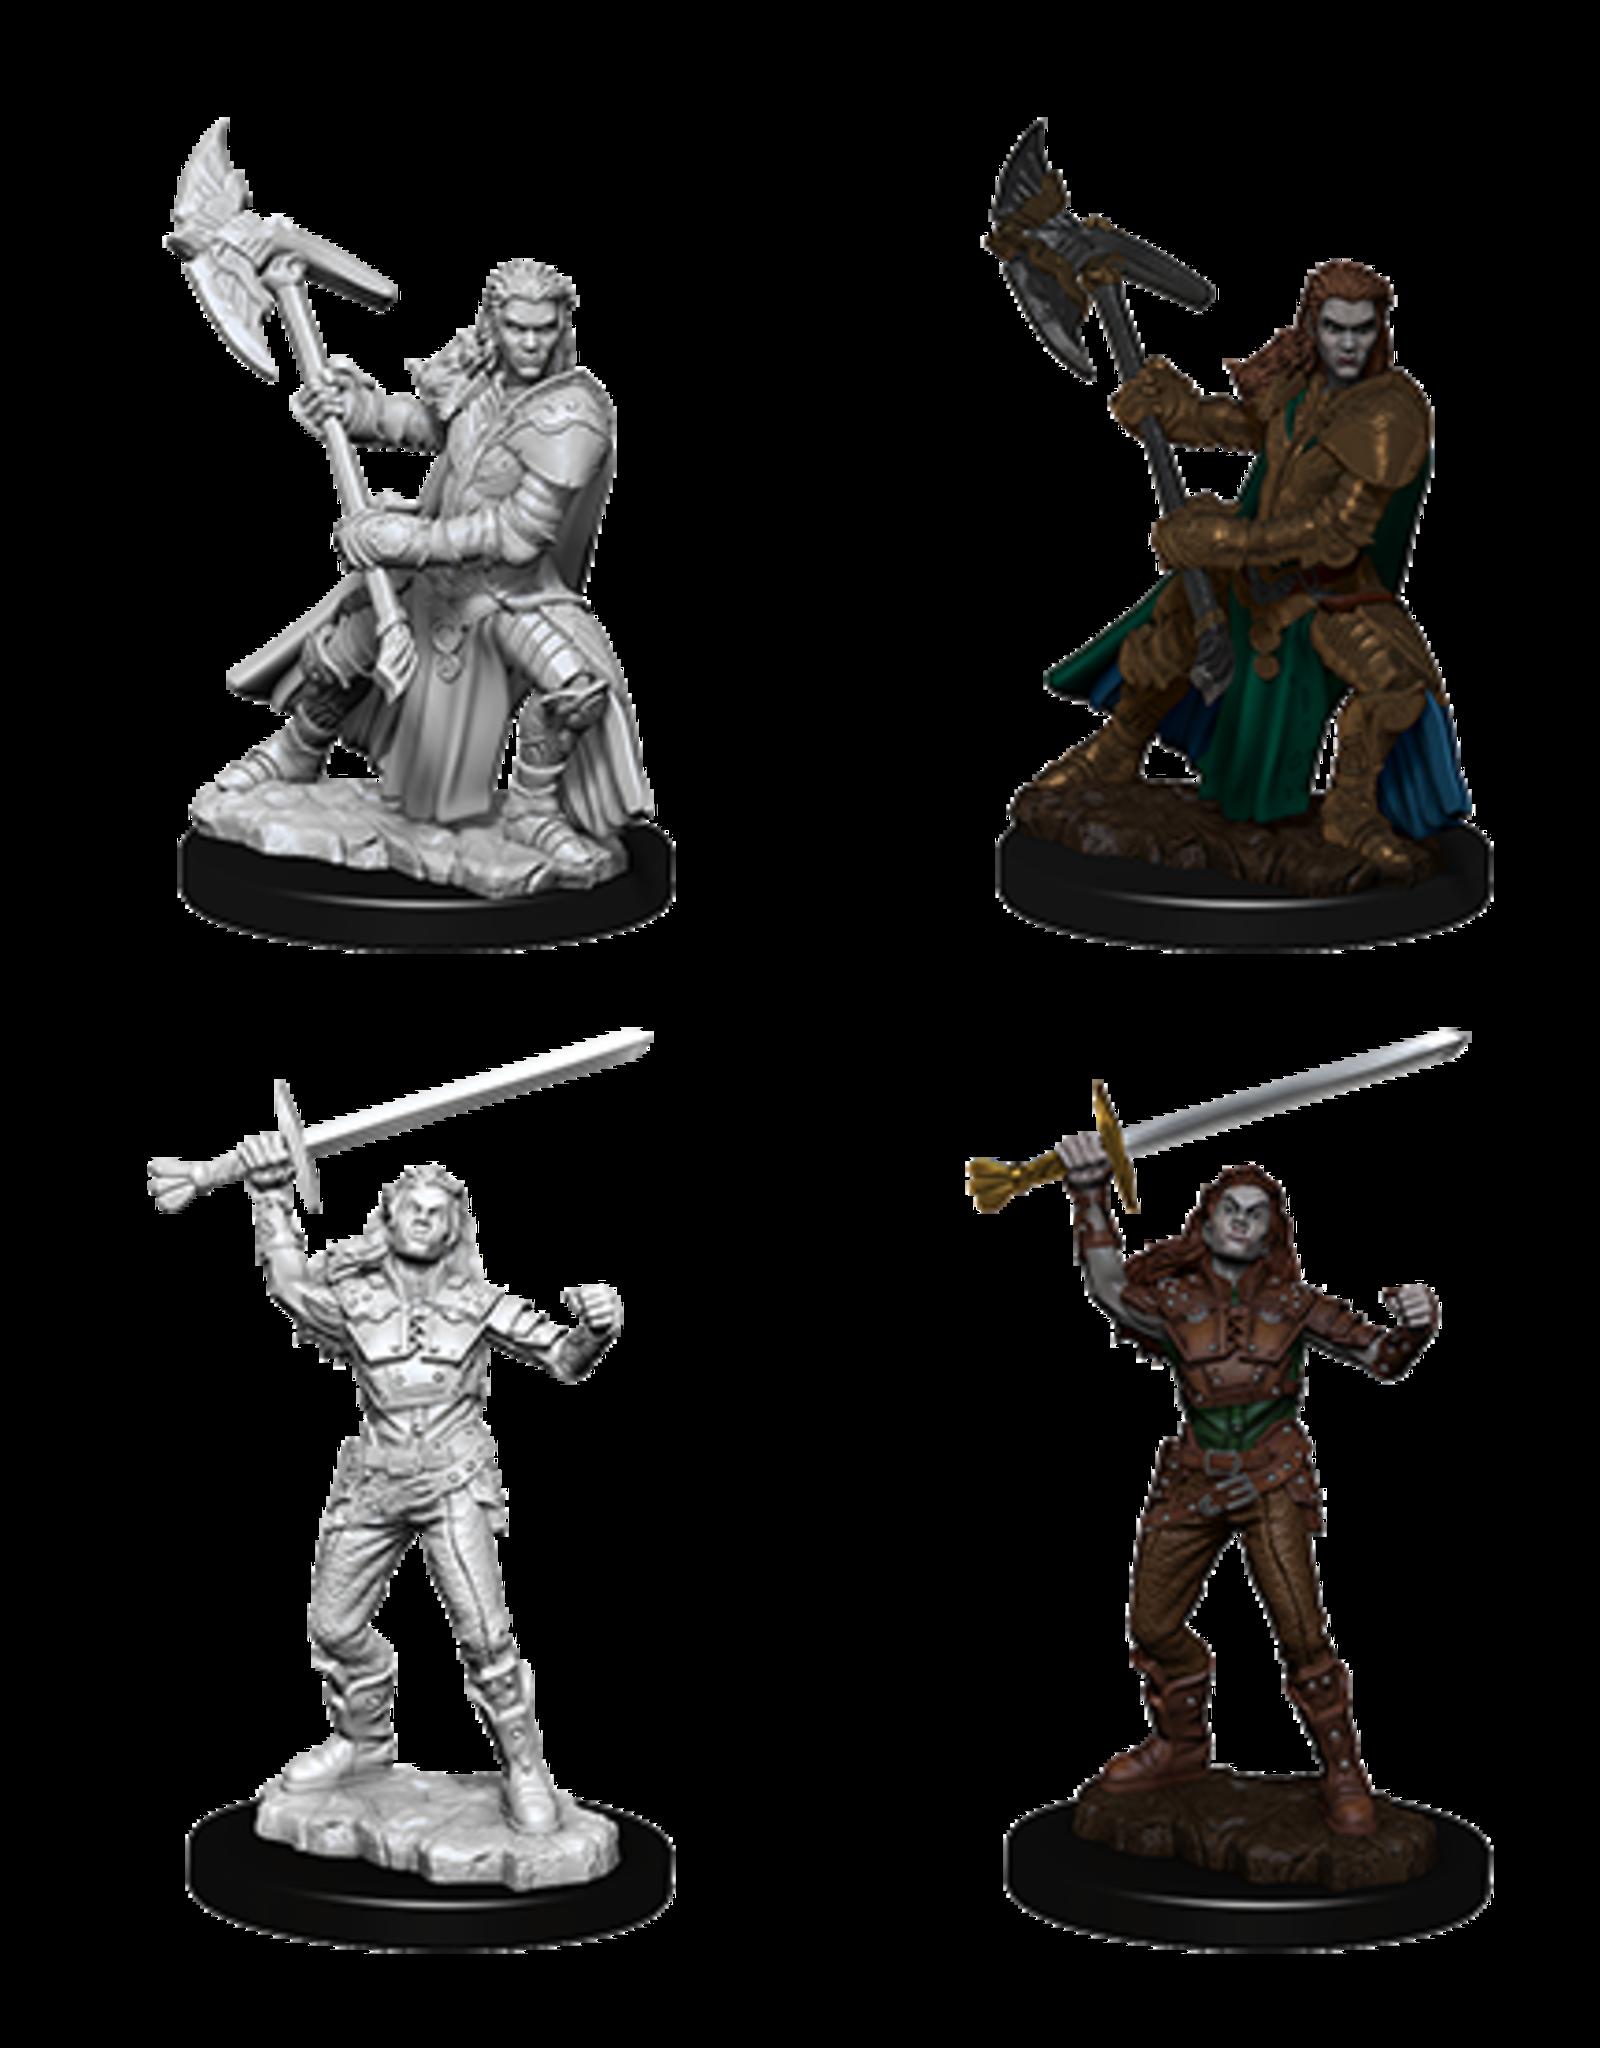 Wizkids D&D Nolzur's Marvelous Miniatures Half-Orc Fighter Female